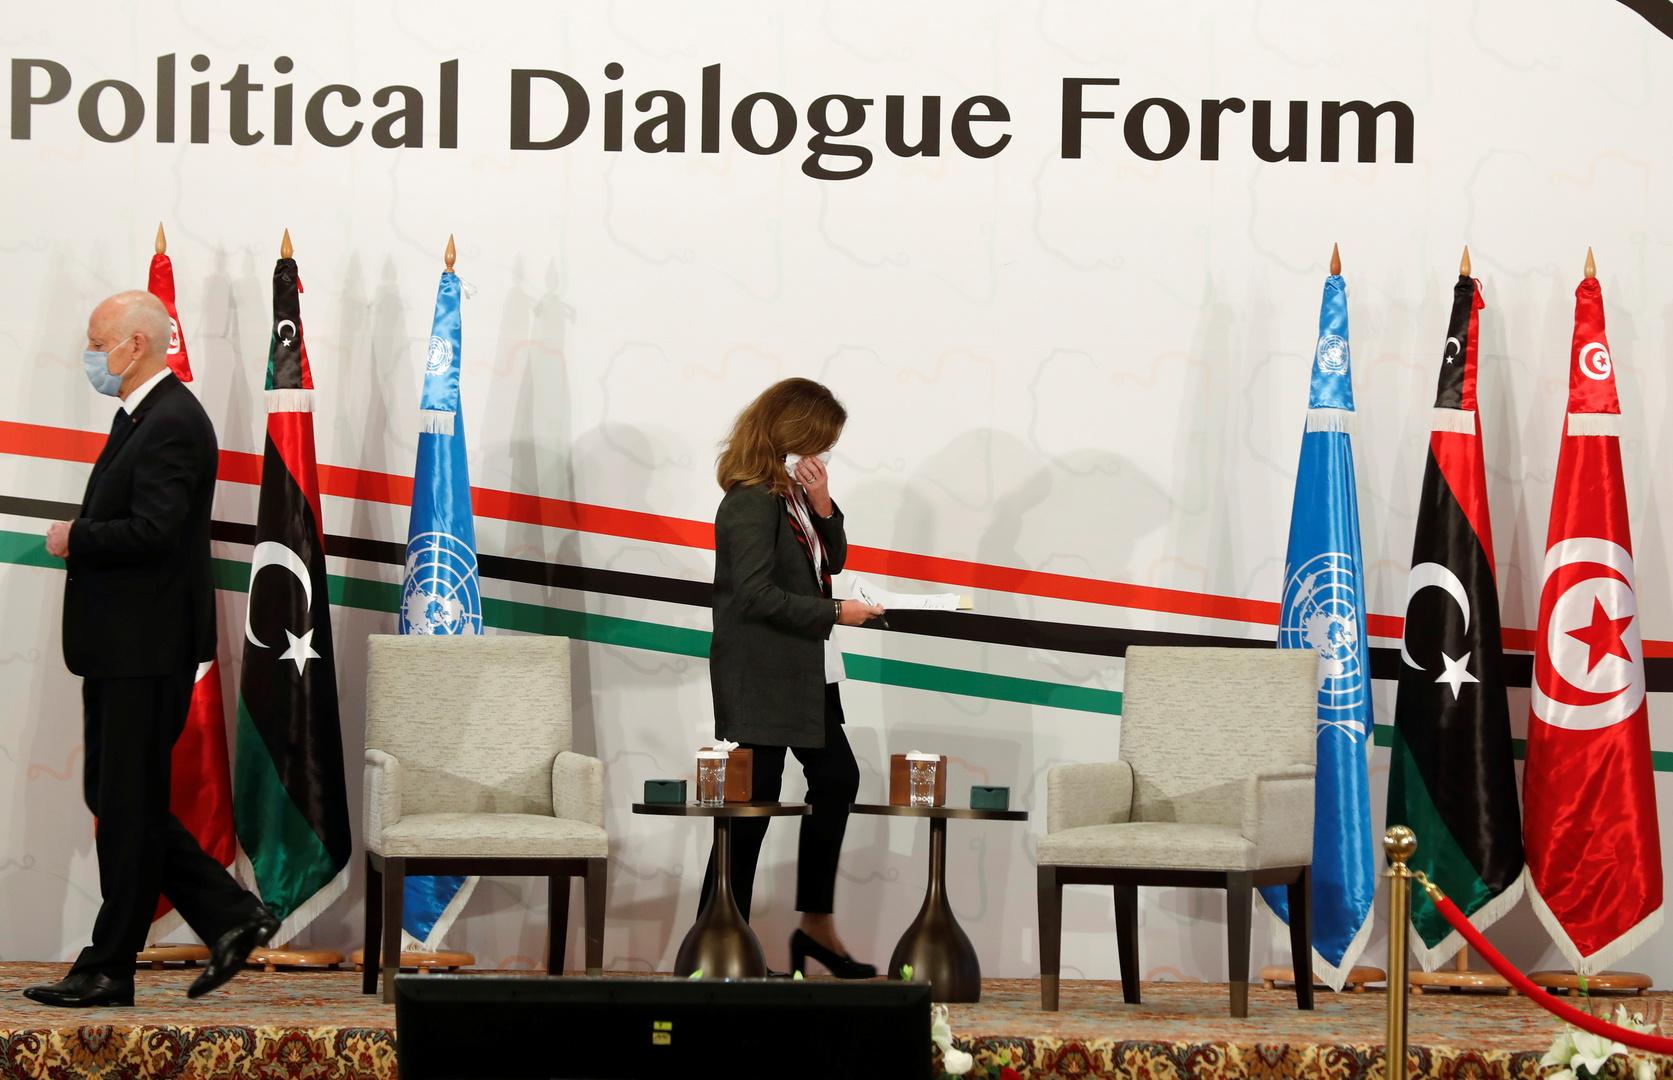 البعثة الأممية تعلن اختصاصات المجلس الرئاسي الليبي وحكومة الوحدة الوطنية